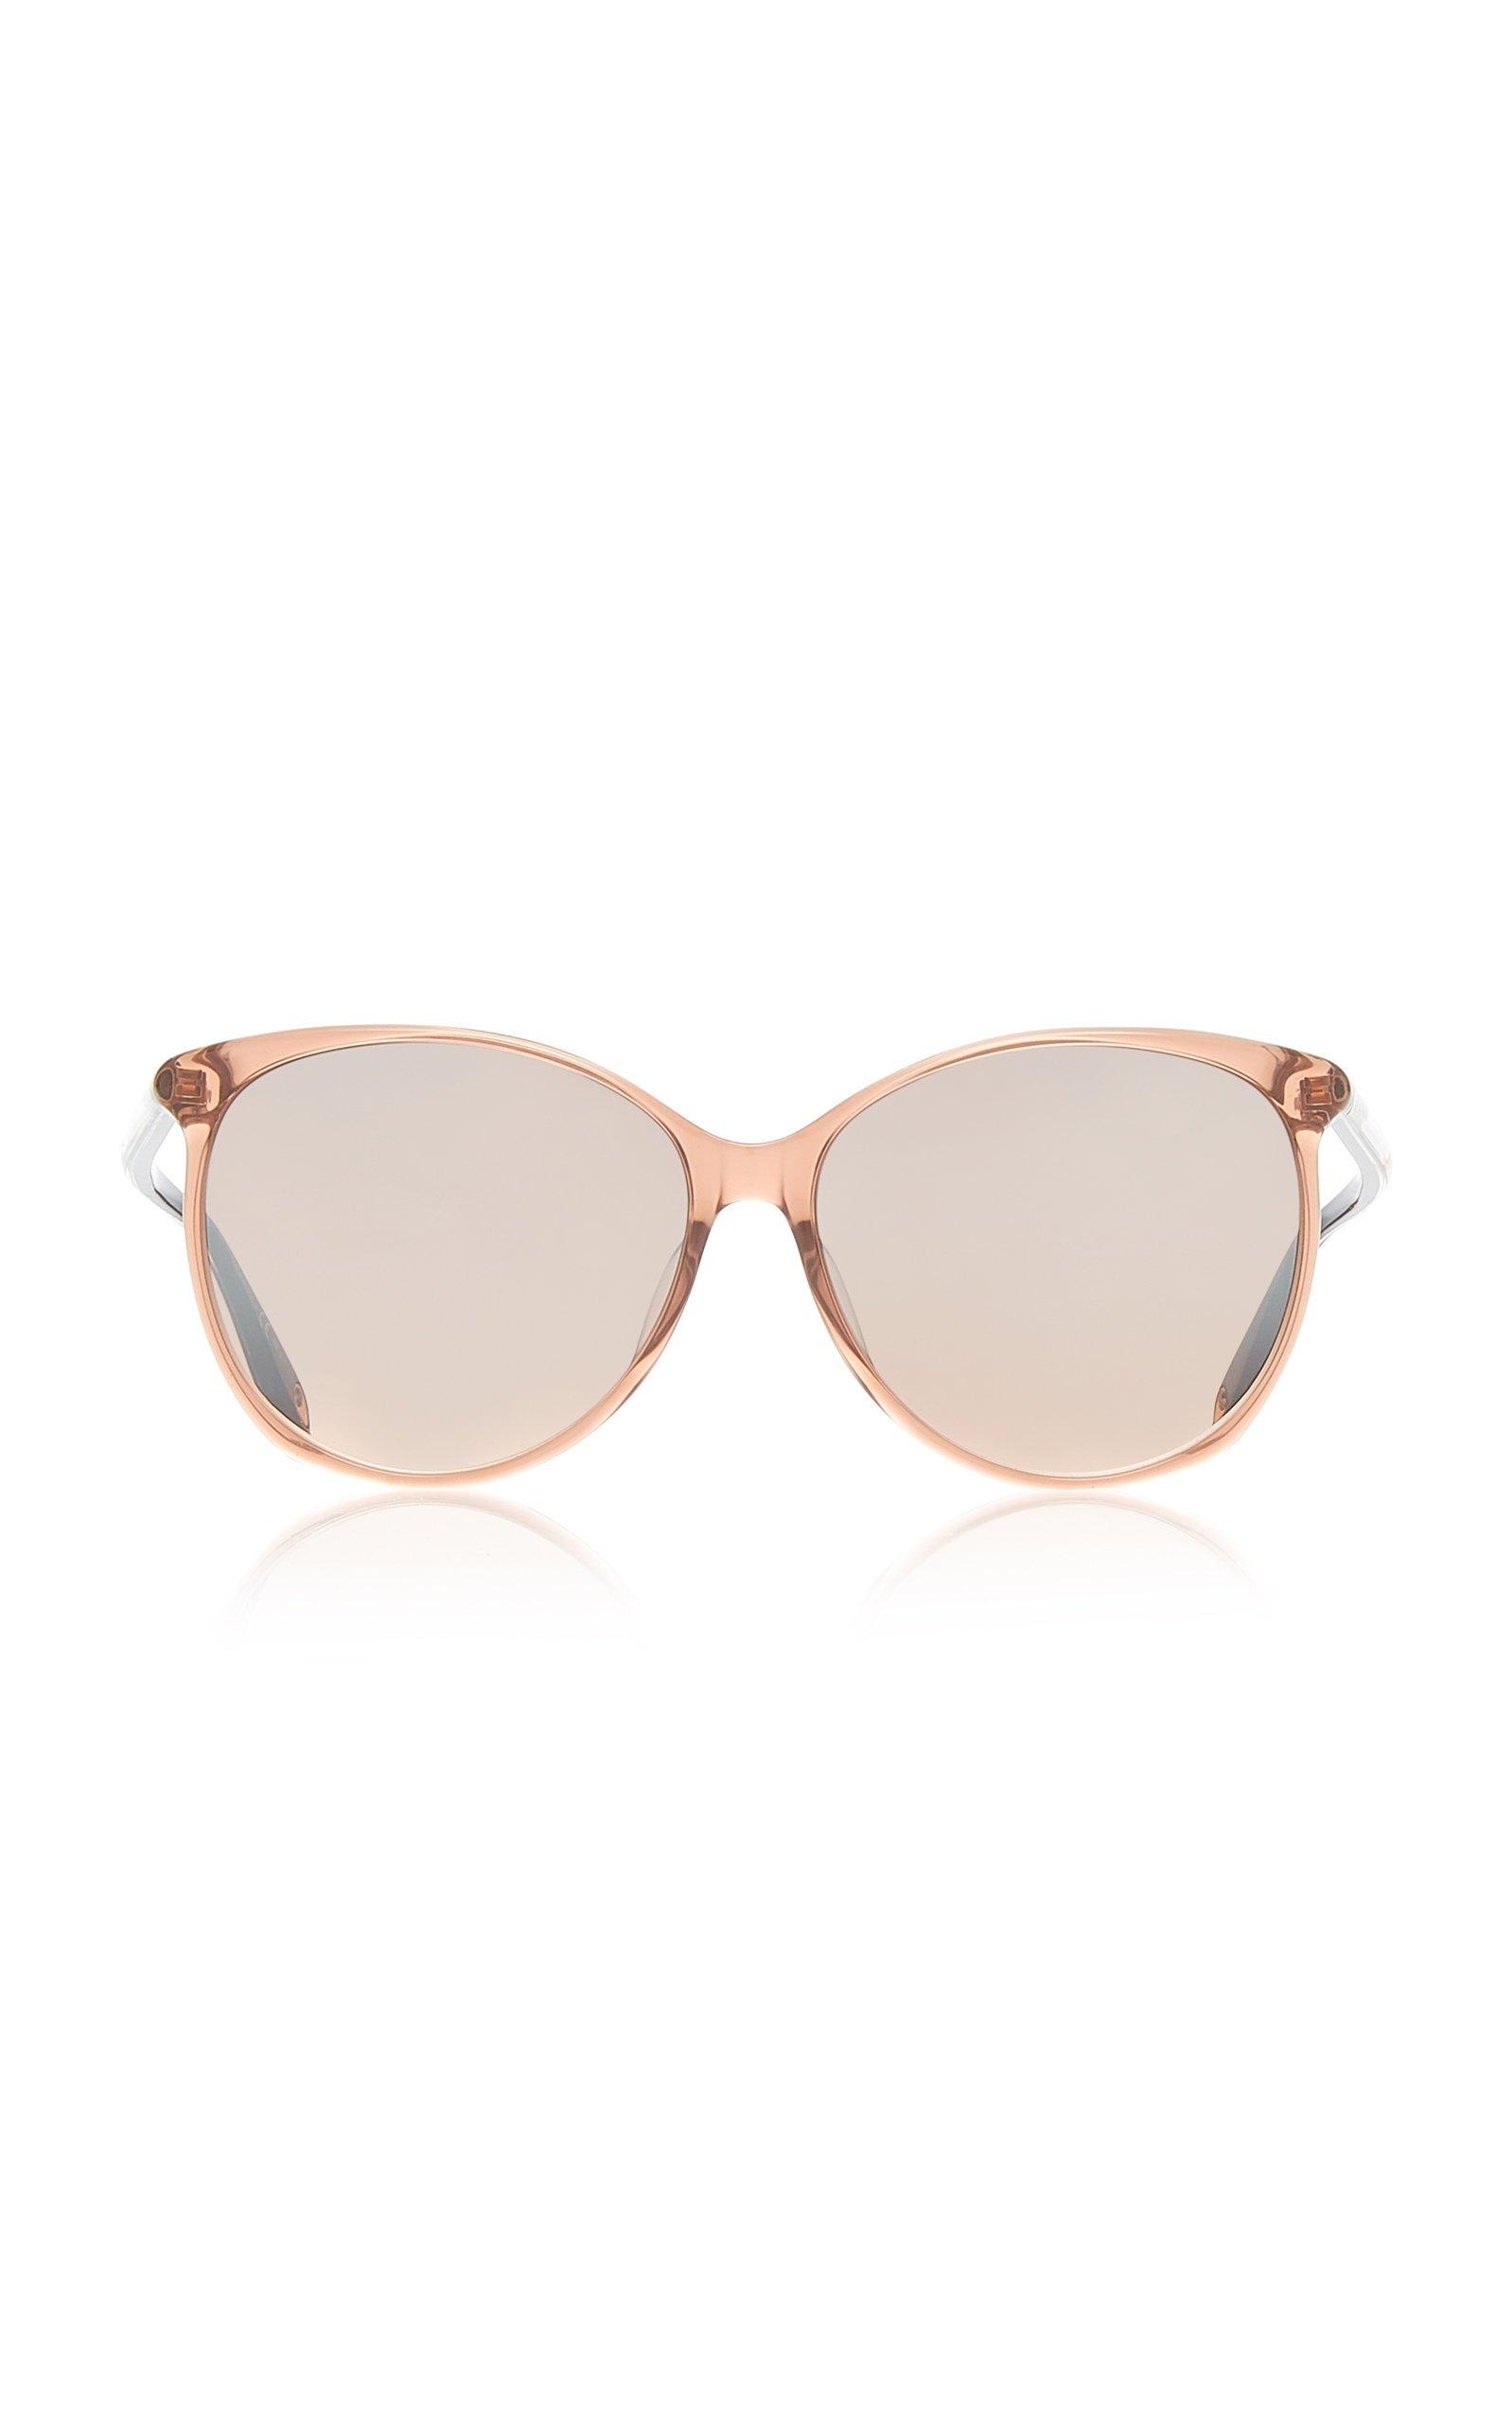 Givenchy Sunglasses Oversized Round Sunglasses